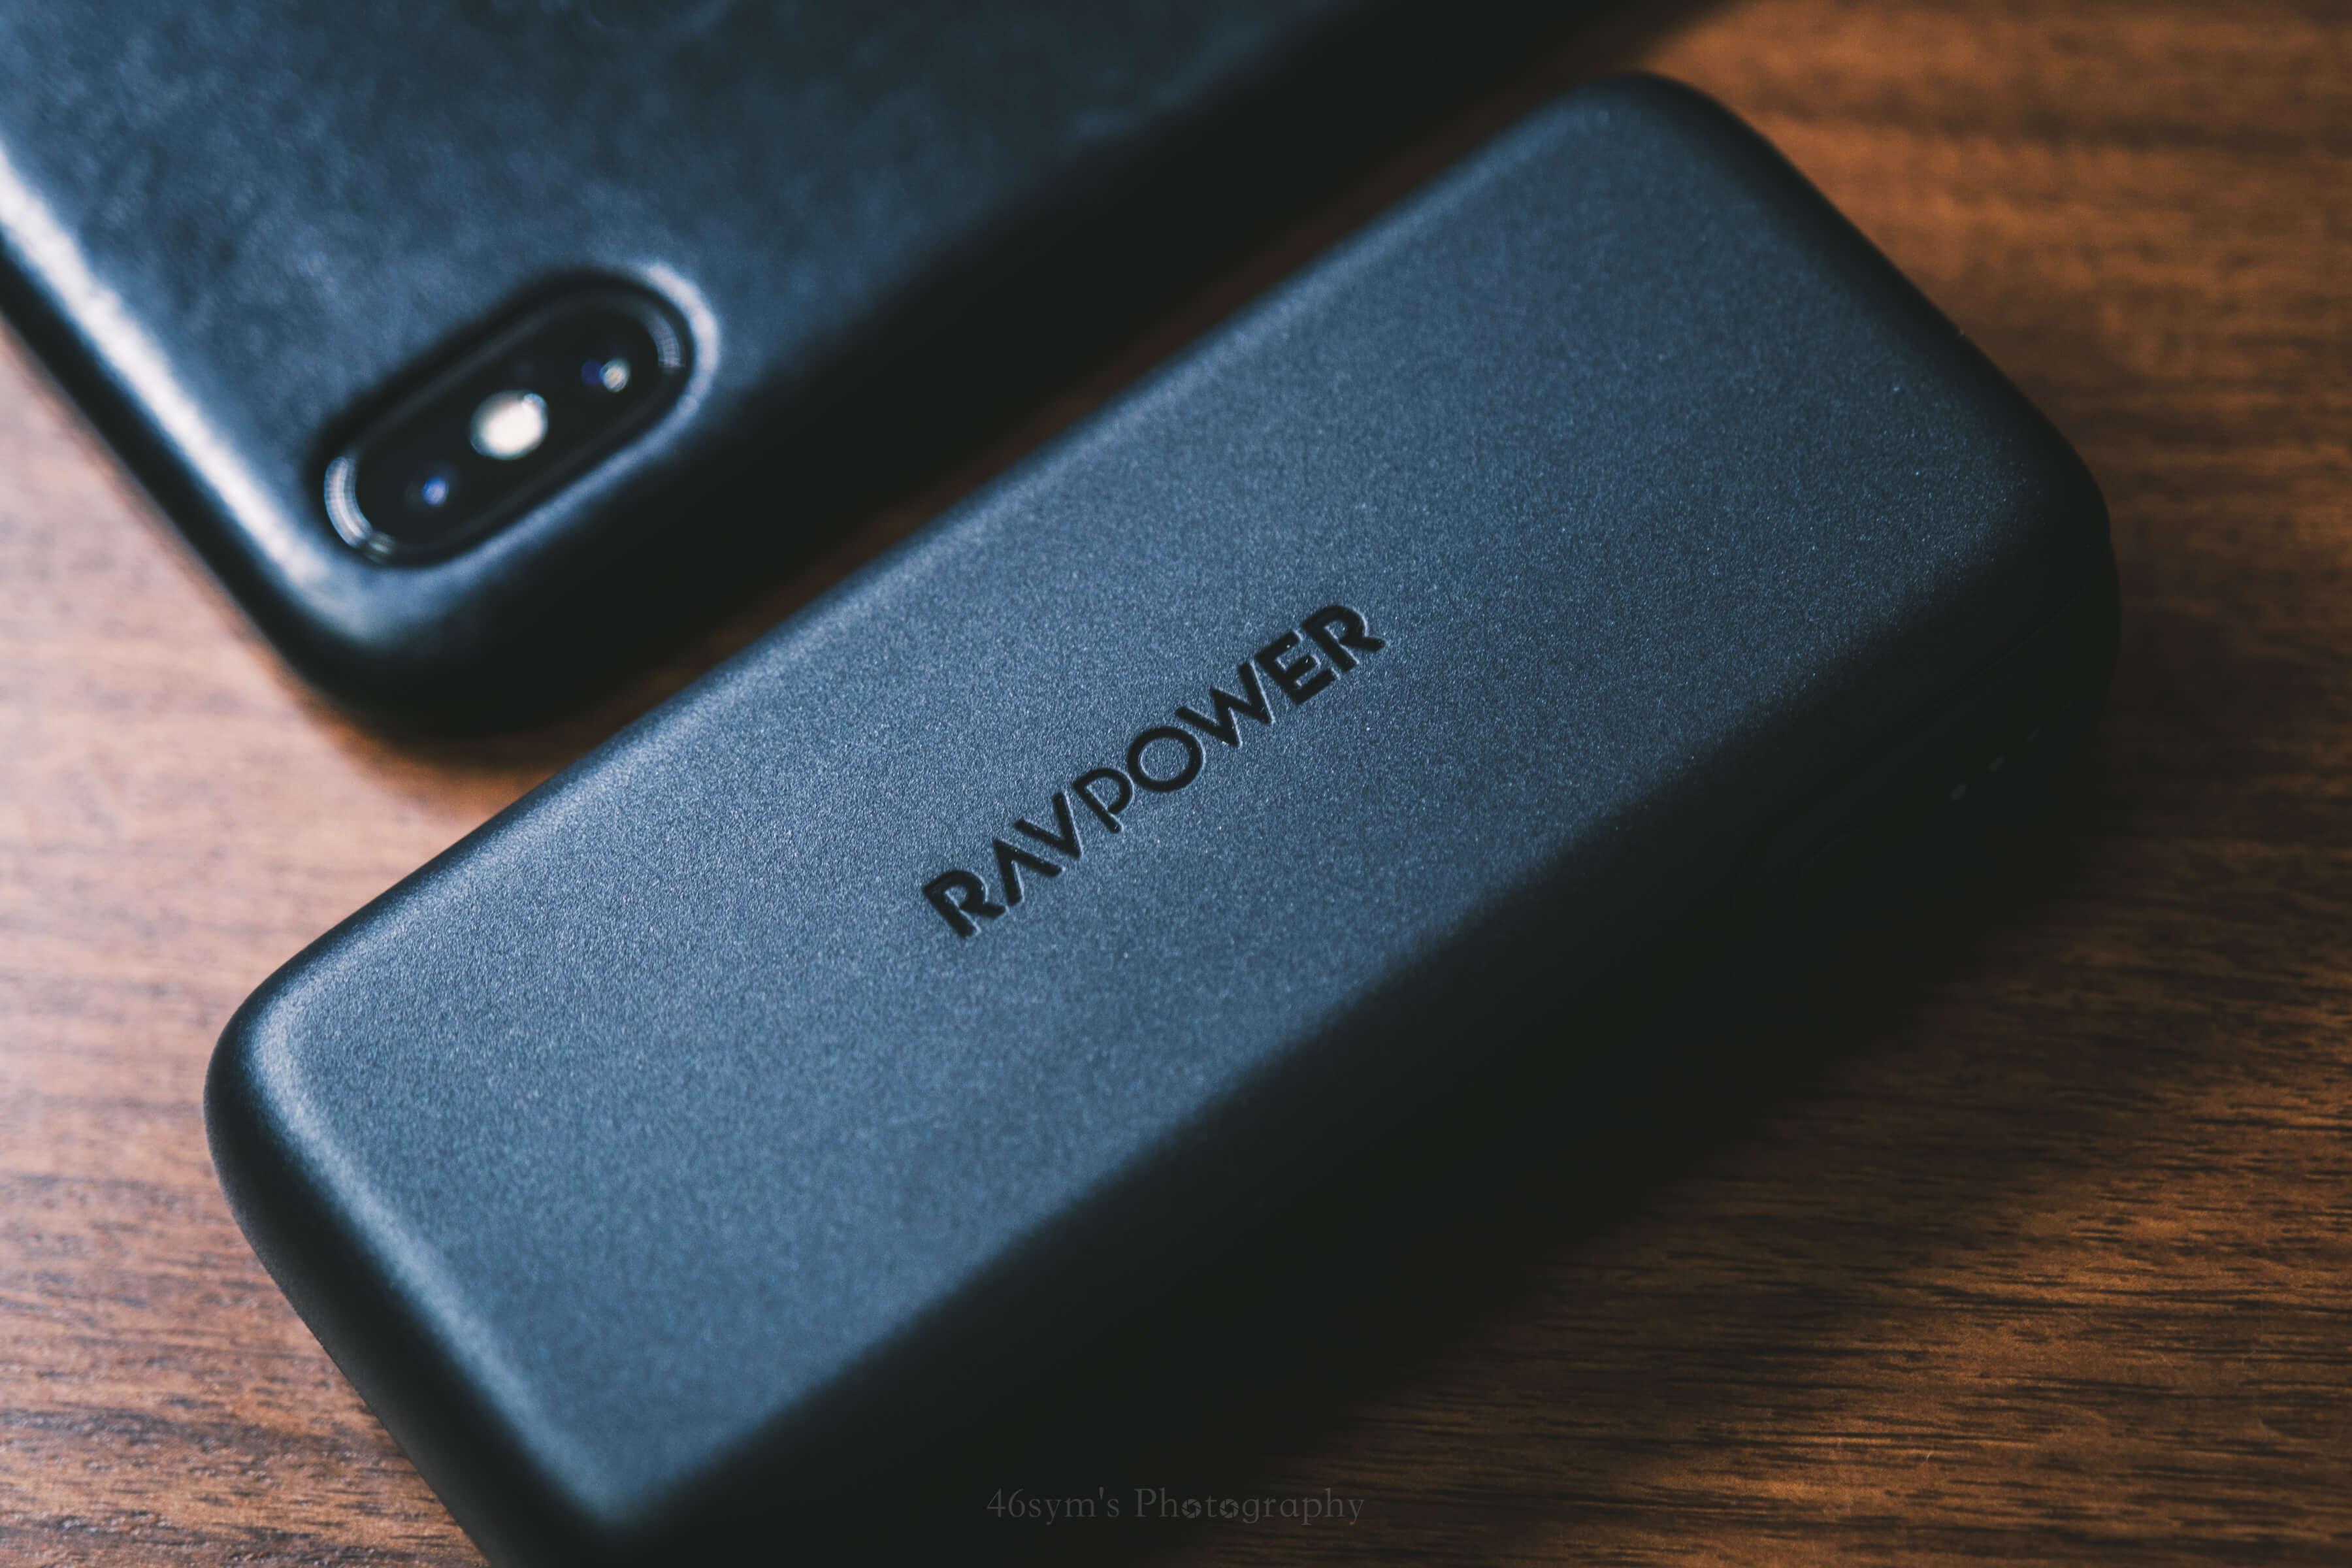 【レビュー】RAVPower RP-PB186 リニューアルで機能と価格を両立した王道のモバイルバッテリー【PR】